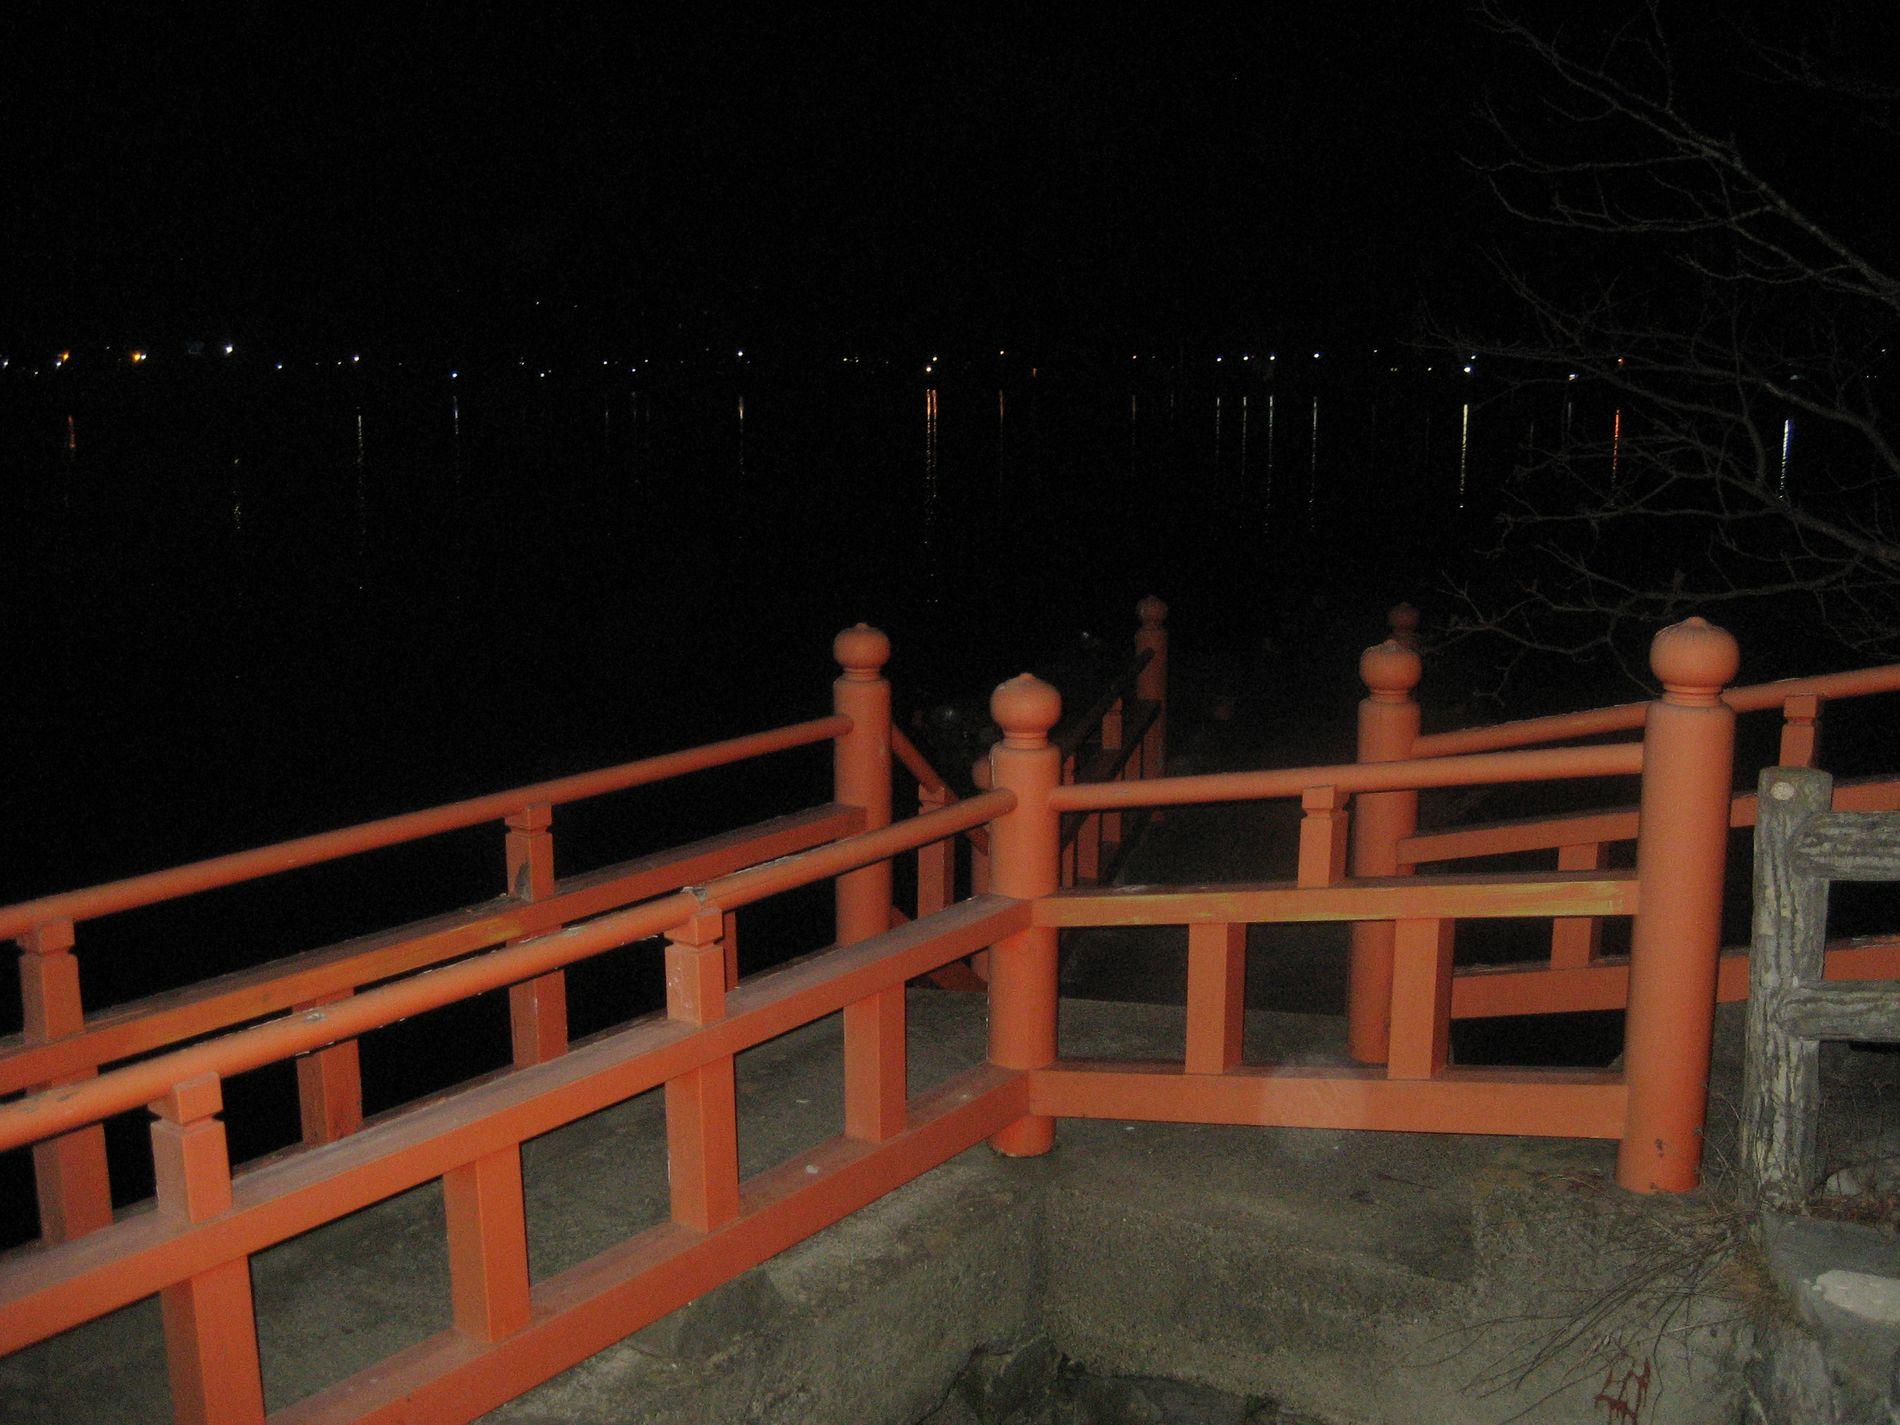 五十鈴神社 沿道